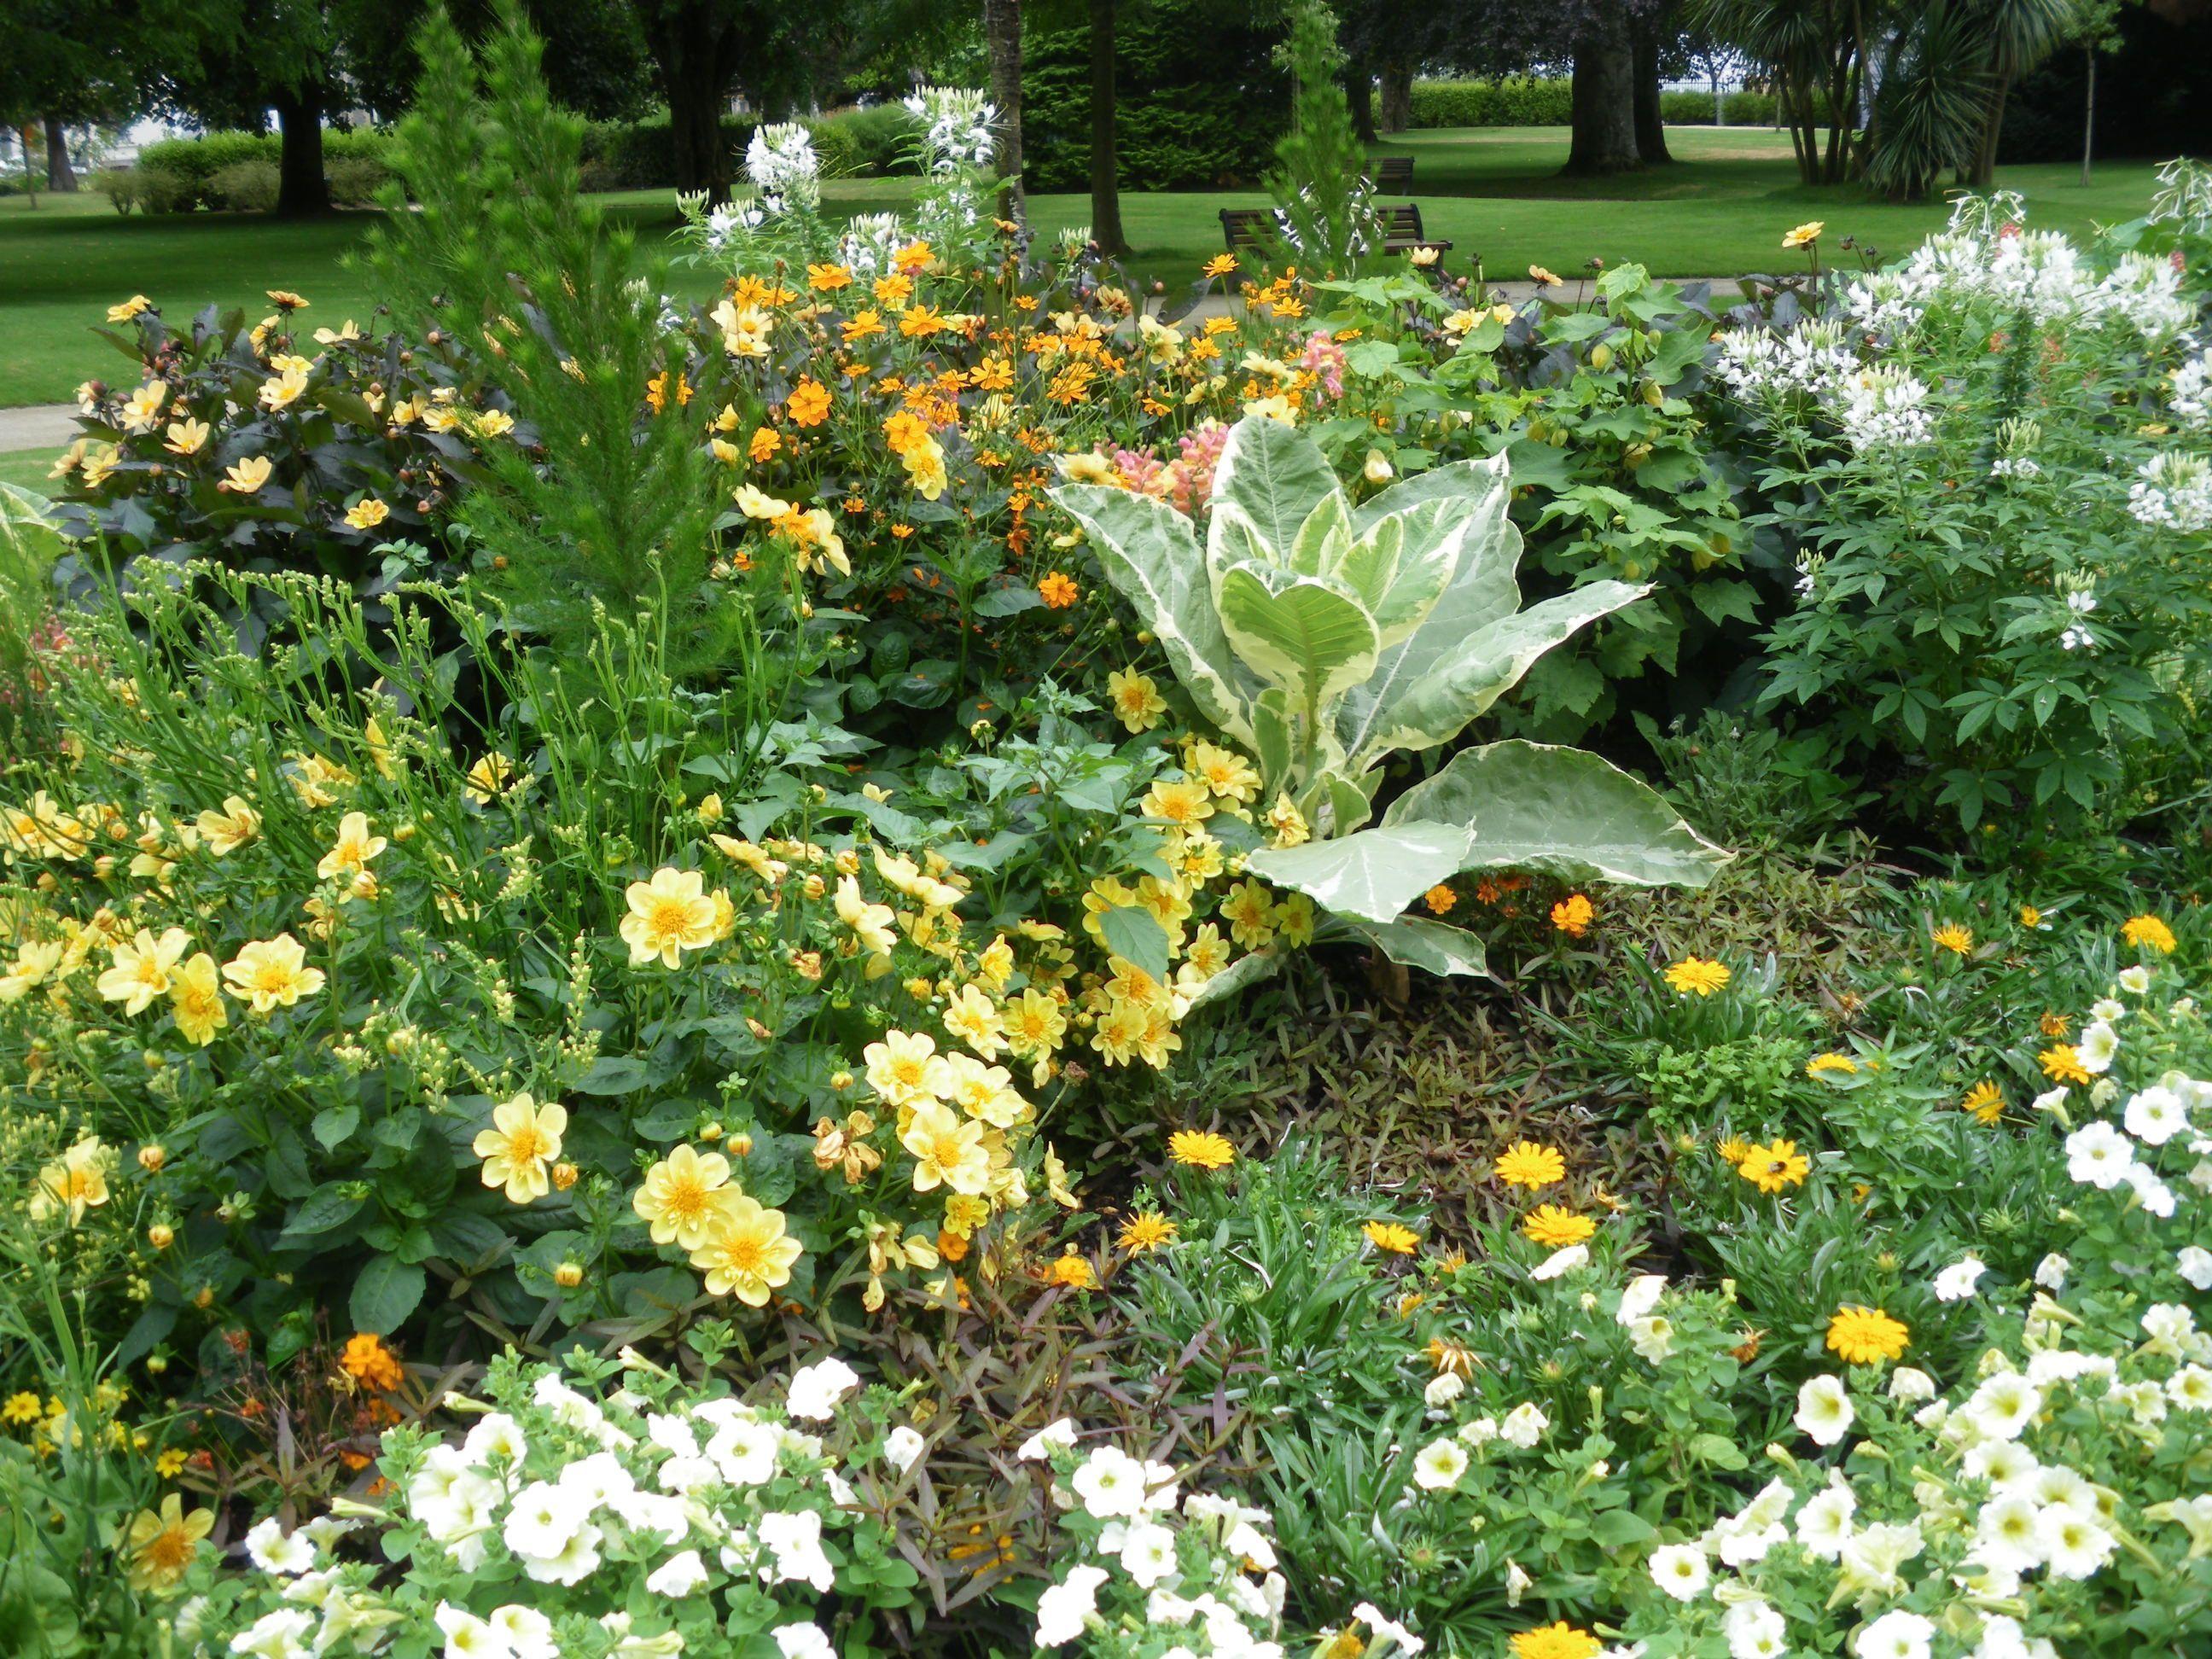 Jardin des plantes saint nazaire loire atlantique - Plantes bord de mer atlantique ...